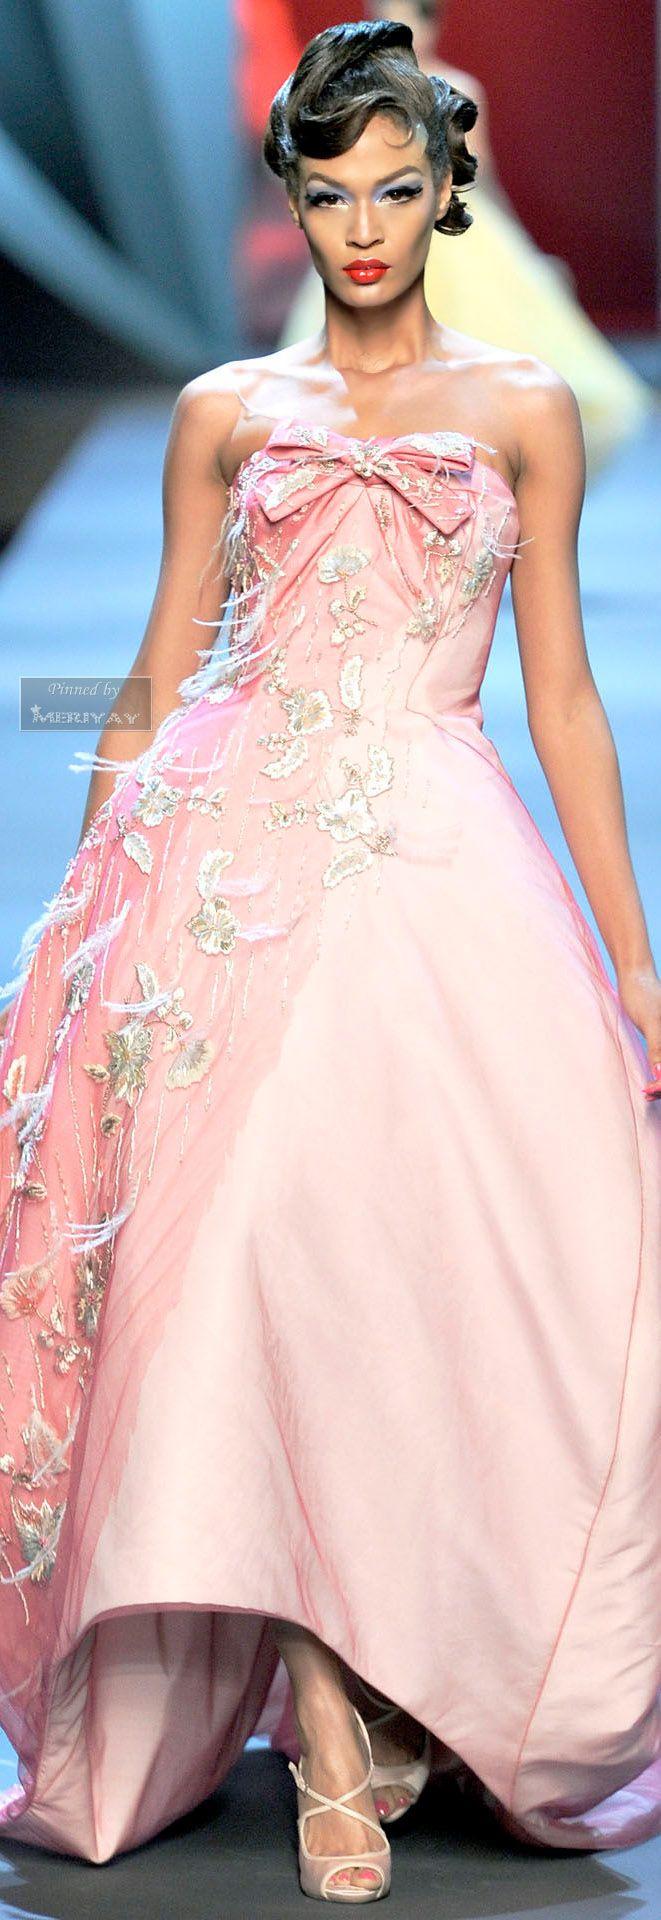 Christian Dior.SPRING COUTURE 2011. V | Moda | Pinterest | Rosas ...